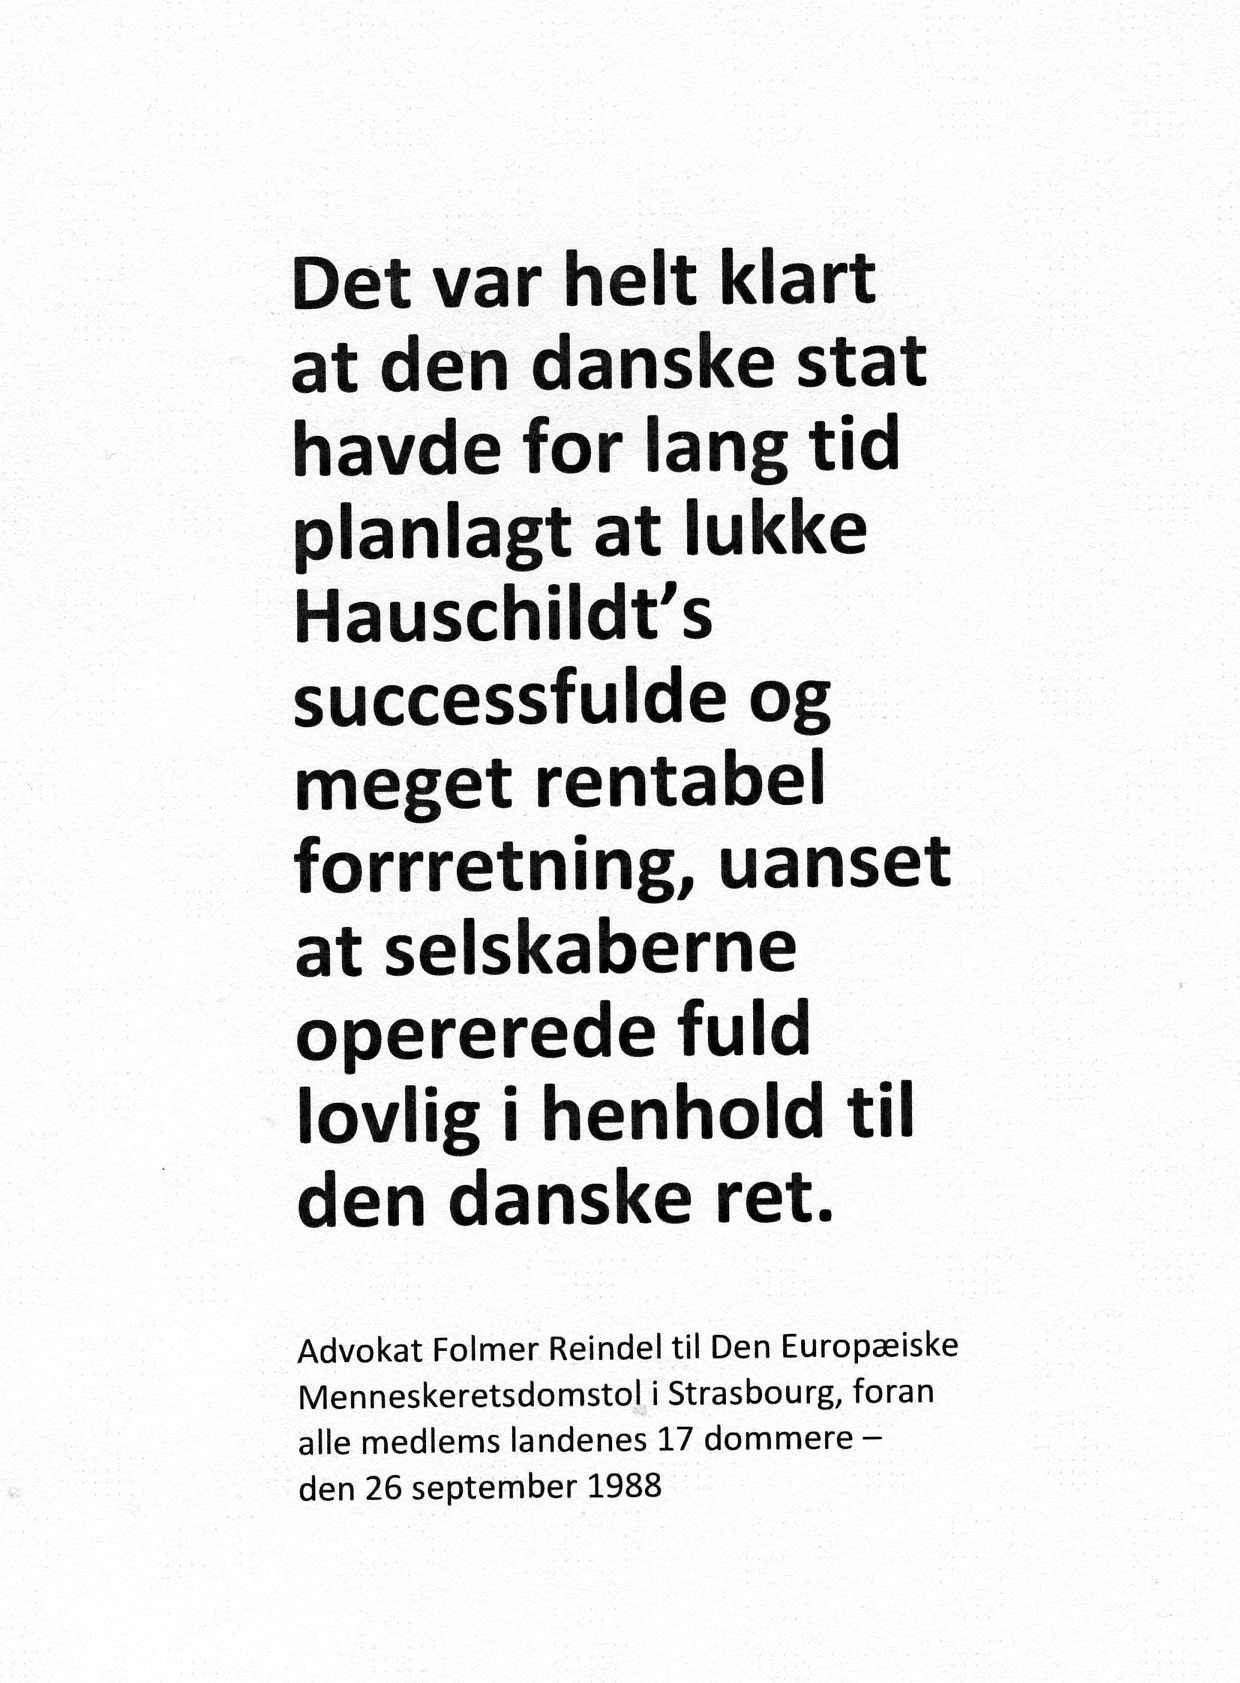 Quotes in Danish - no edit (7)